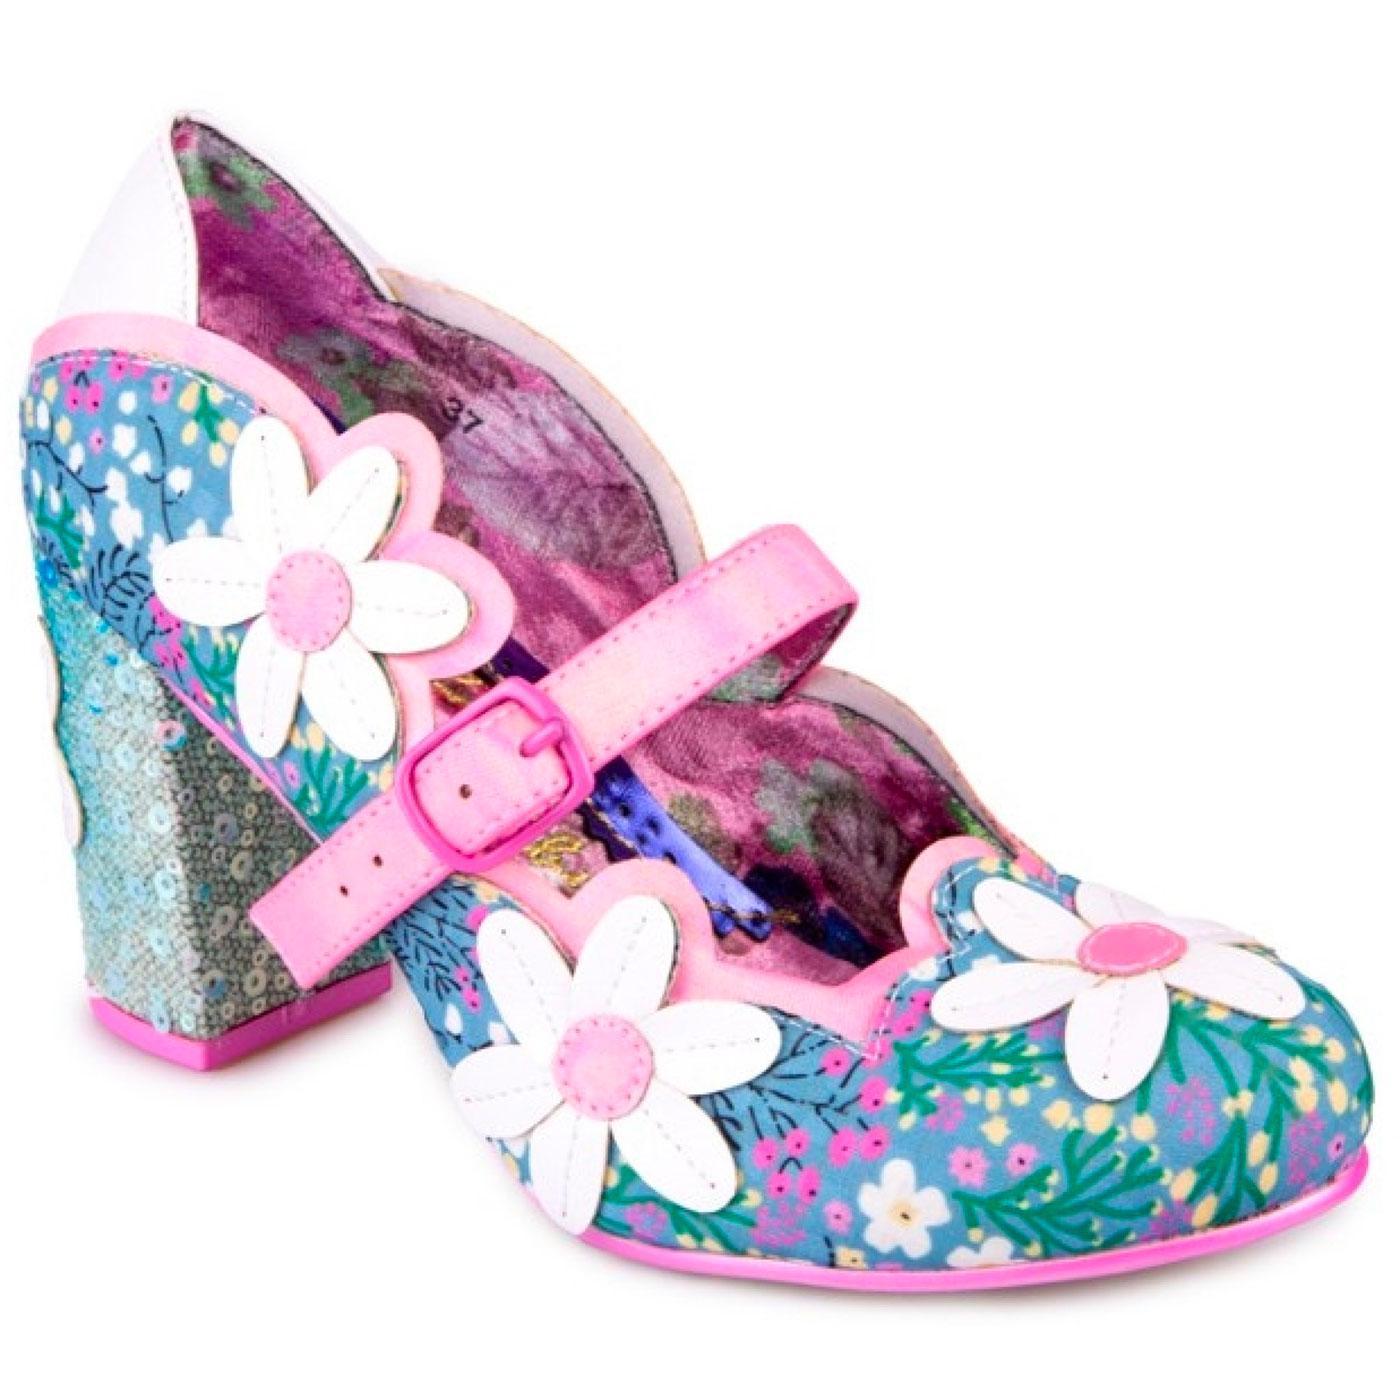 Daisy Dancer IRREGULAR CHOICE Retro 60s Shoes B